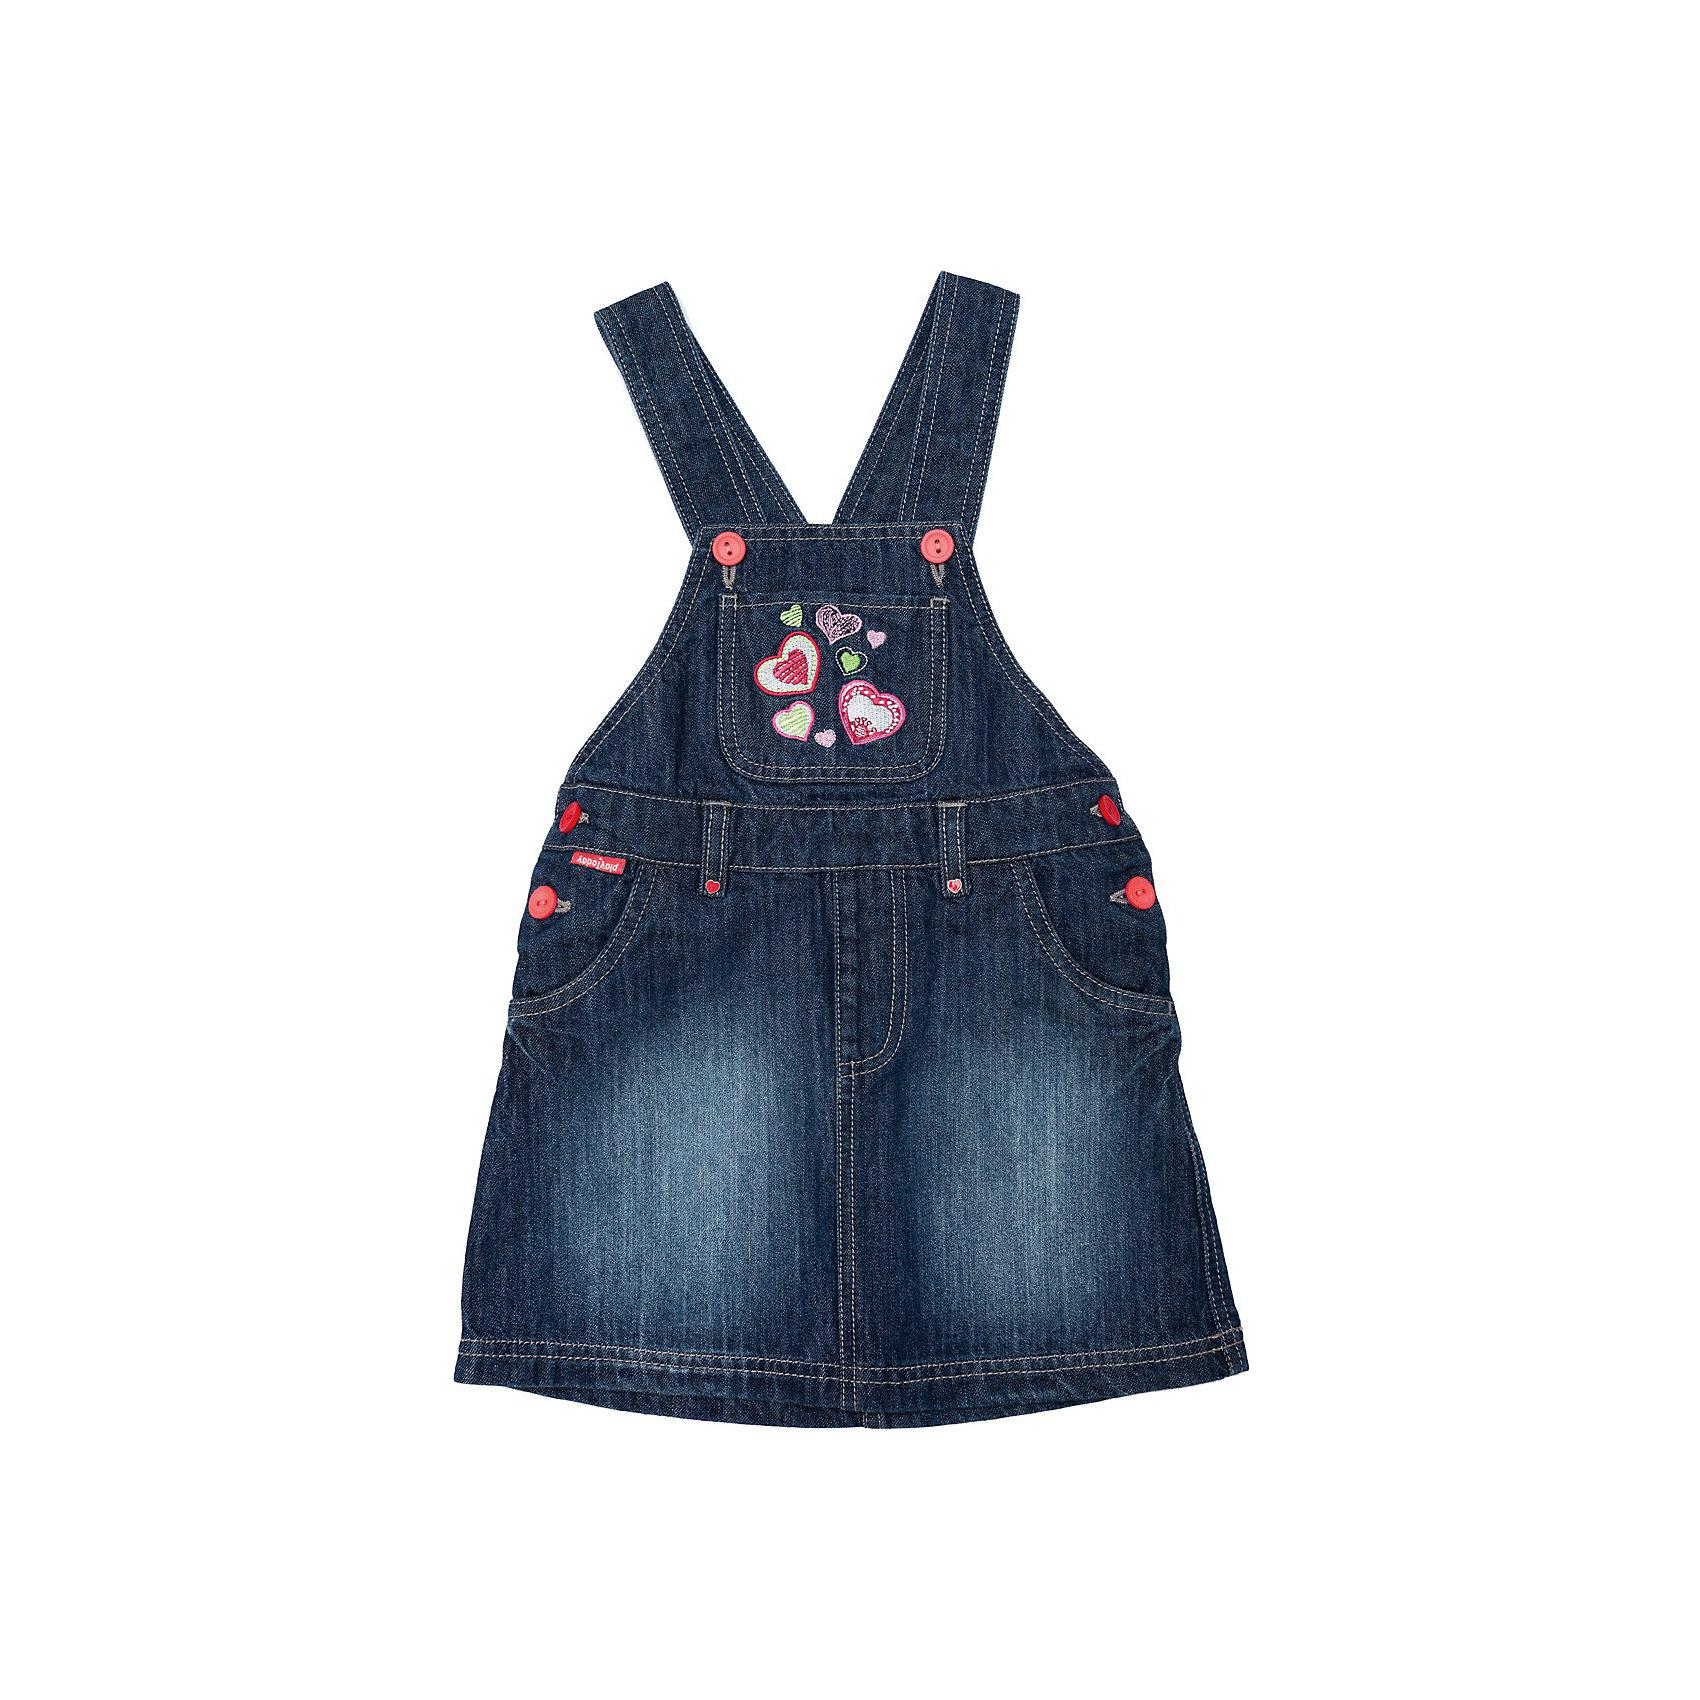 Сарафан джинсовый для девочки PlayTodayПлатья и сарафаны<br>Сарафан из джинсы от известной марки PlayToday<br>* прекрасный джинсовый сарафан на каждый день для девочки<br>* регулируемые бретели<br>* со стороны спинки регулируемый пояс на внутренней резинке <br>* застежка на пуговицы<br>* накладной карман на кокетке, боковые и задние карманы<br>* яркая вышивка и отстрочка<br>Состав:<br>верх: 100% хлопок, подкладка: 100% хлопок<br><br>Ширина мм: 236<br>Глубина мм: 16<br>Высота мм: 184<br>Вес г: 177<br>Цвет: синий<br>Возраст от месяцев: 72<br>Возраст до месяцев: 84<br>Пол: Женский<br>Возраст: Детский<br>Размер: 122,116,98,128,110,104<br>SKU: 3743507